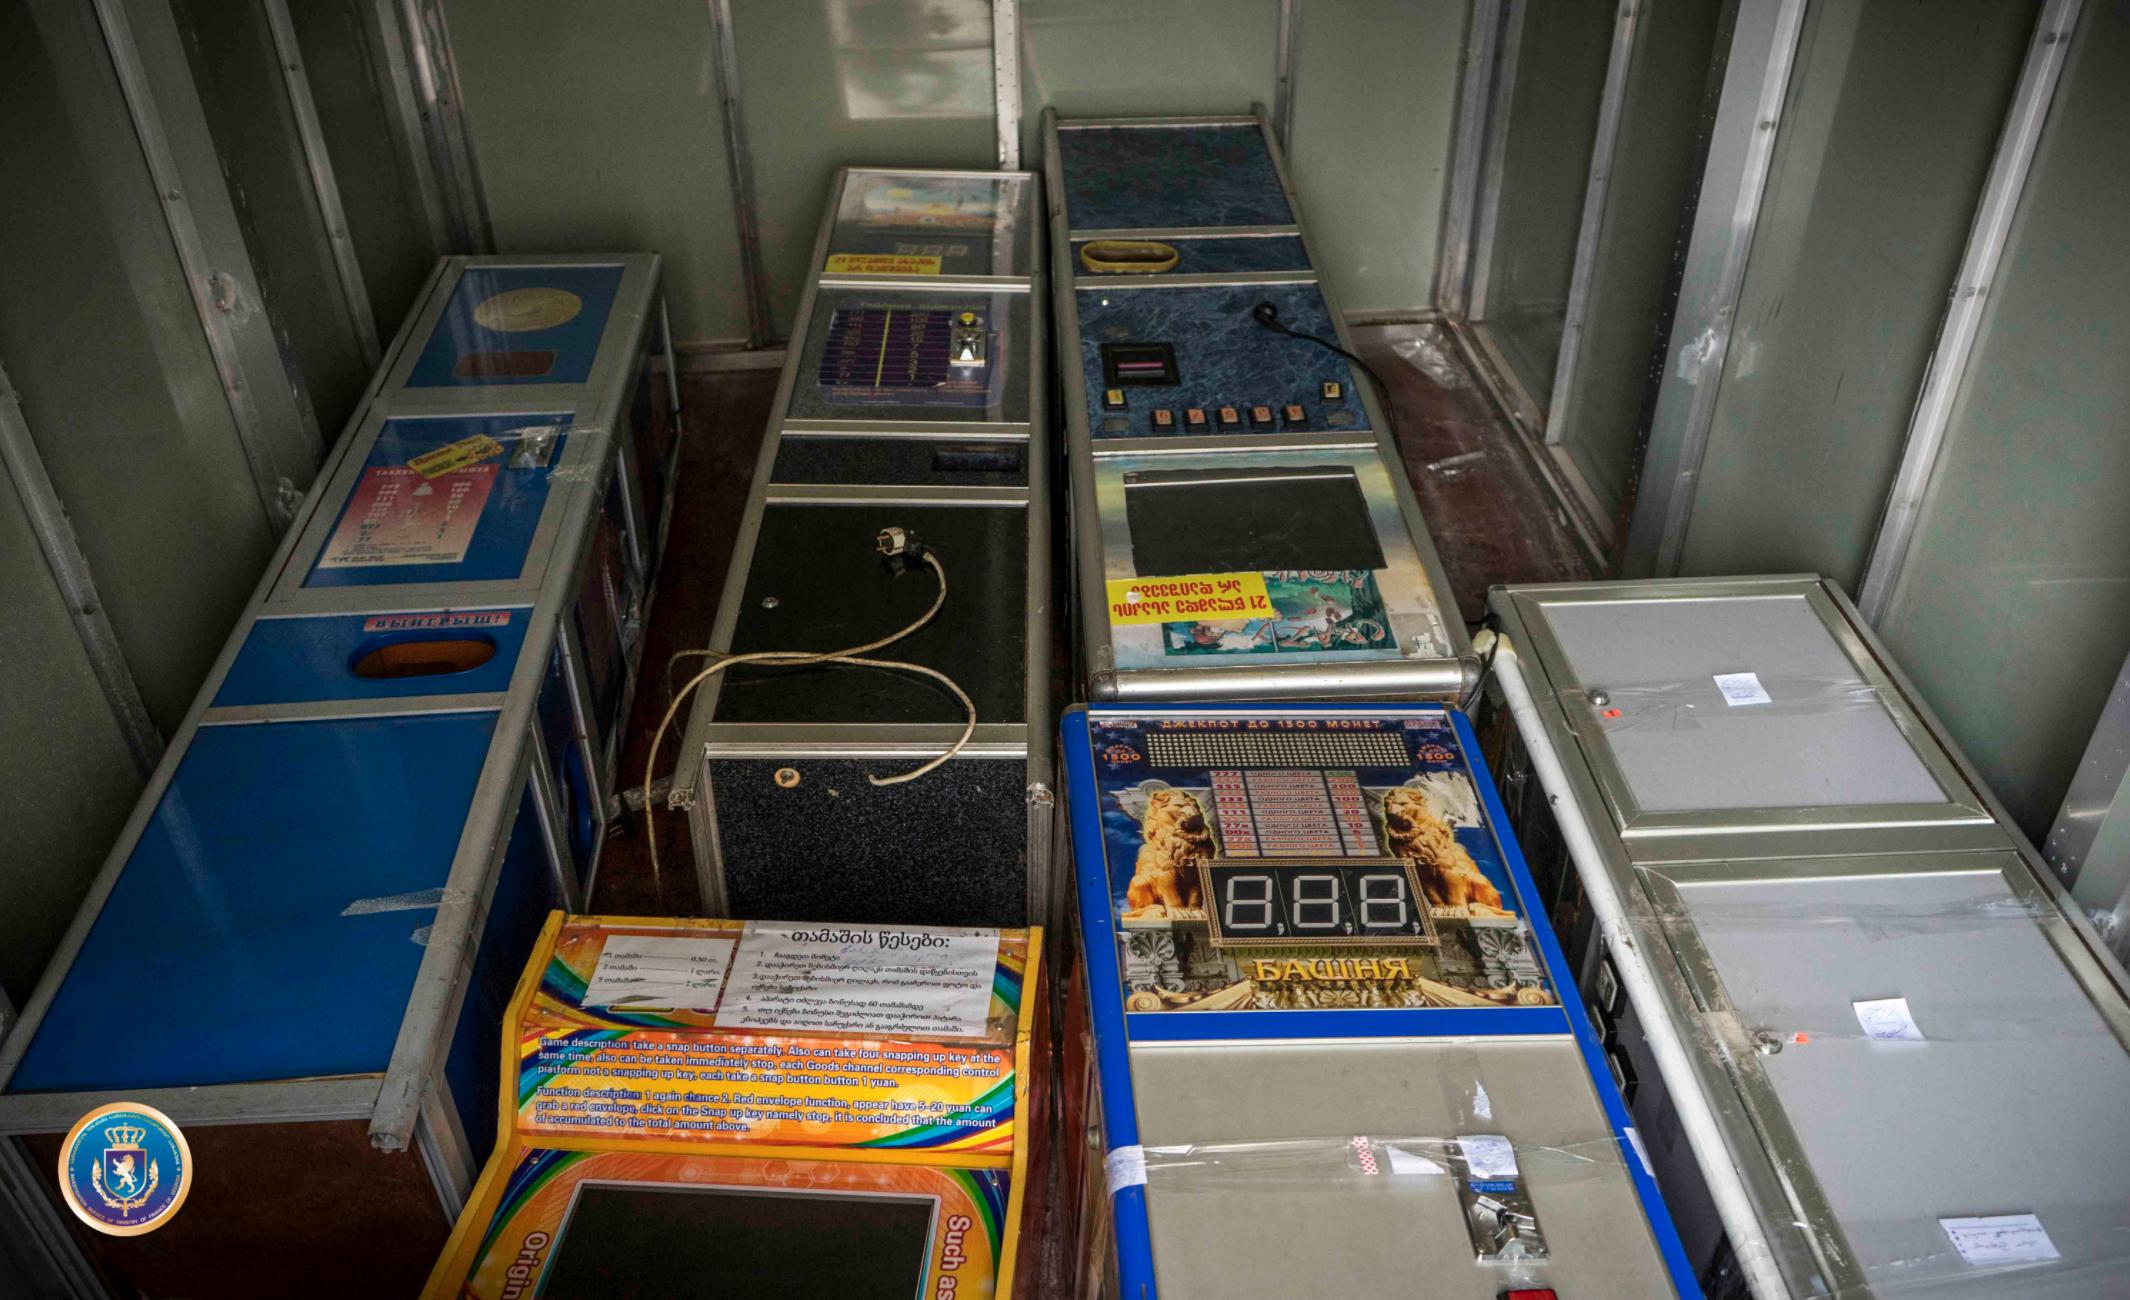 Игровые автоматы незаконная предпринимательская деятельность youtube игровые автоматы играть бесплатно